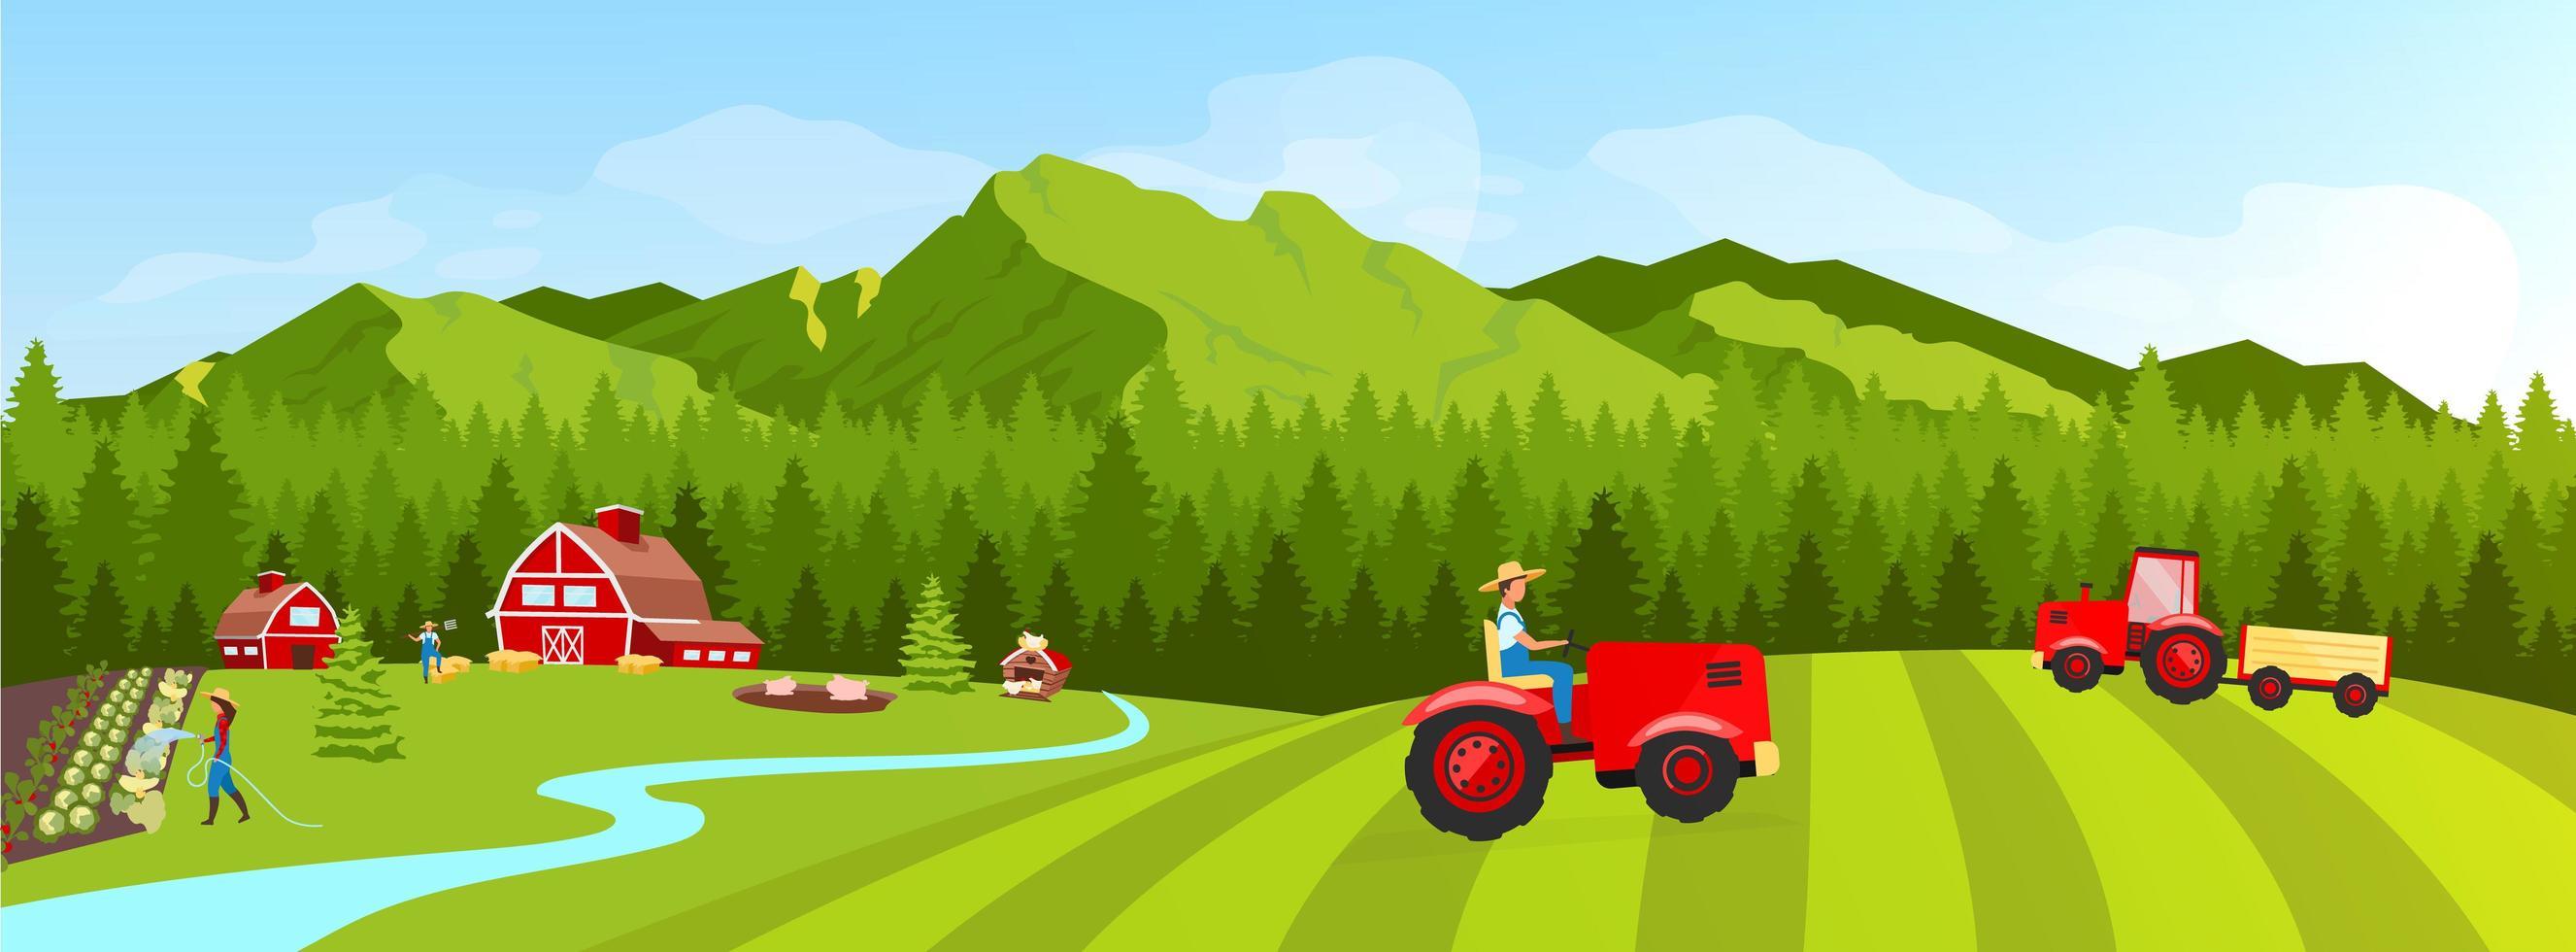 tractor op de landbouwgrond vector